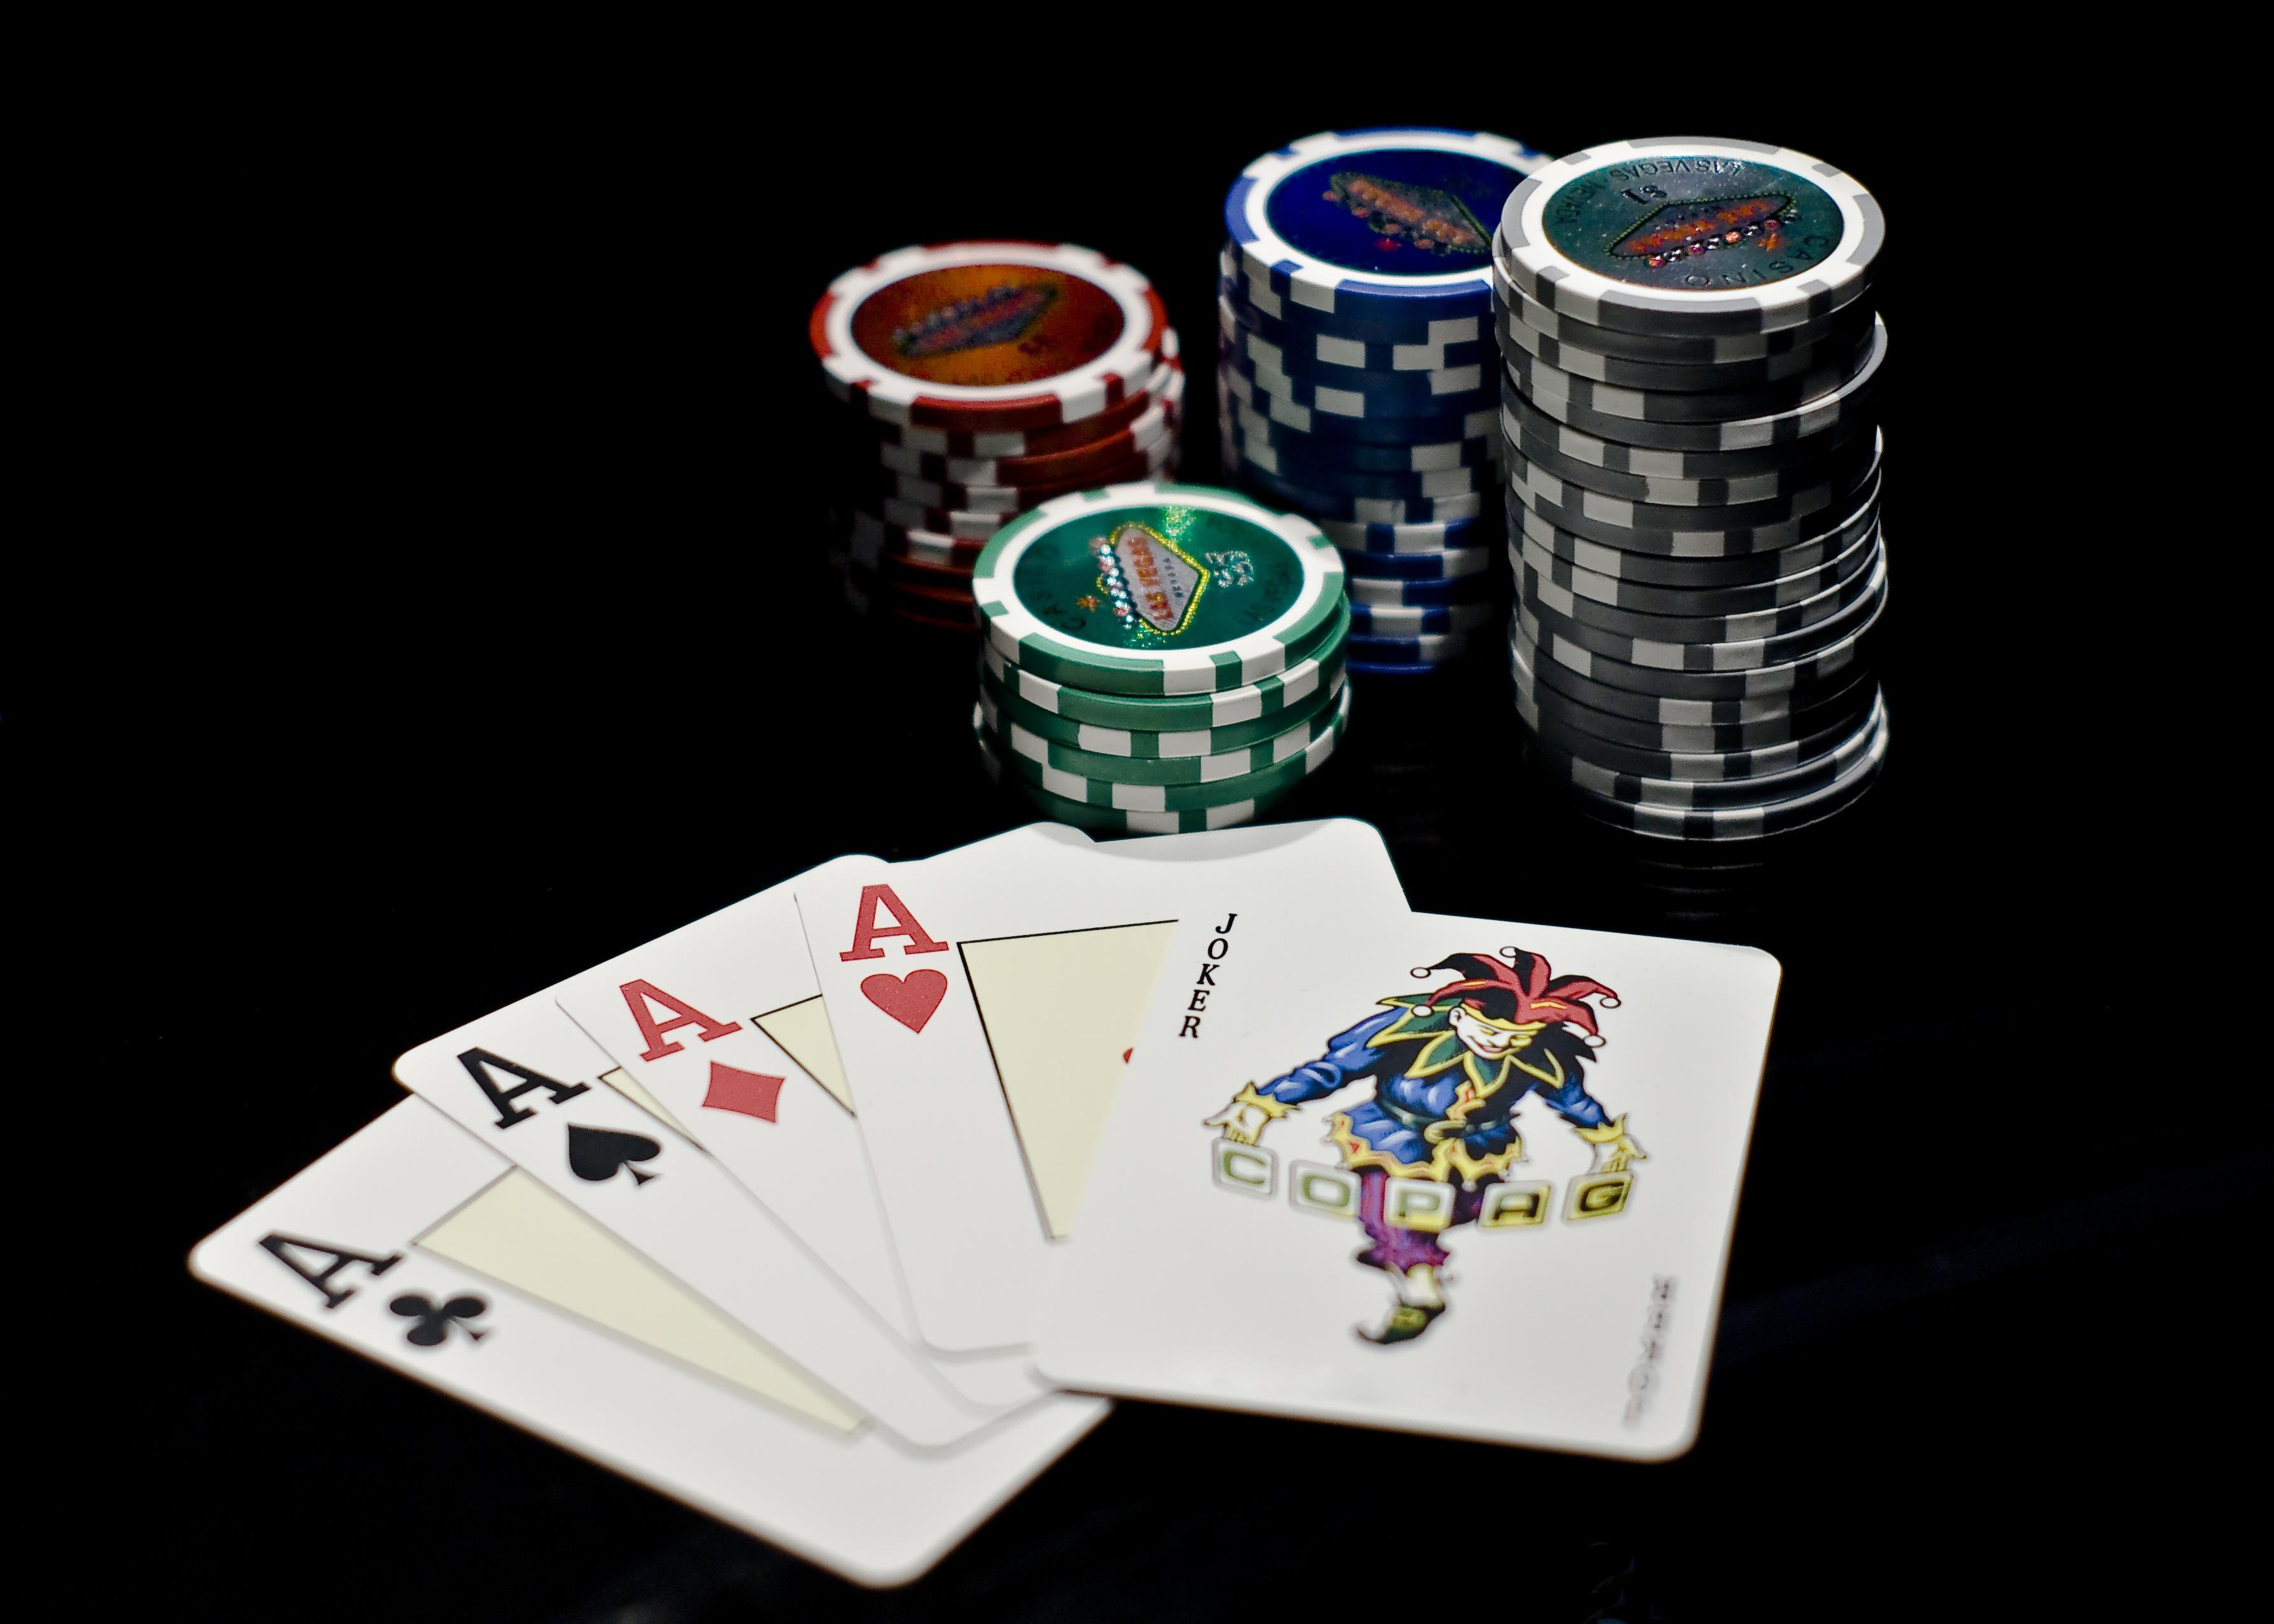 Казино карточная игра онлайн казино рояль на реальные деньги